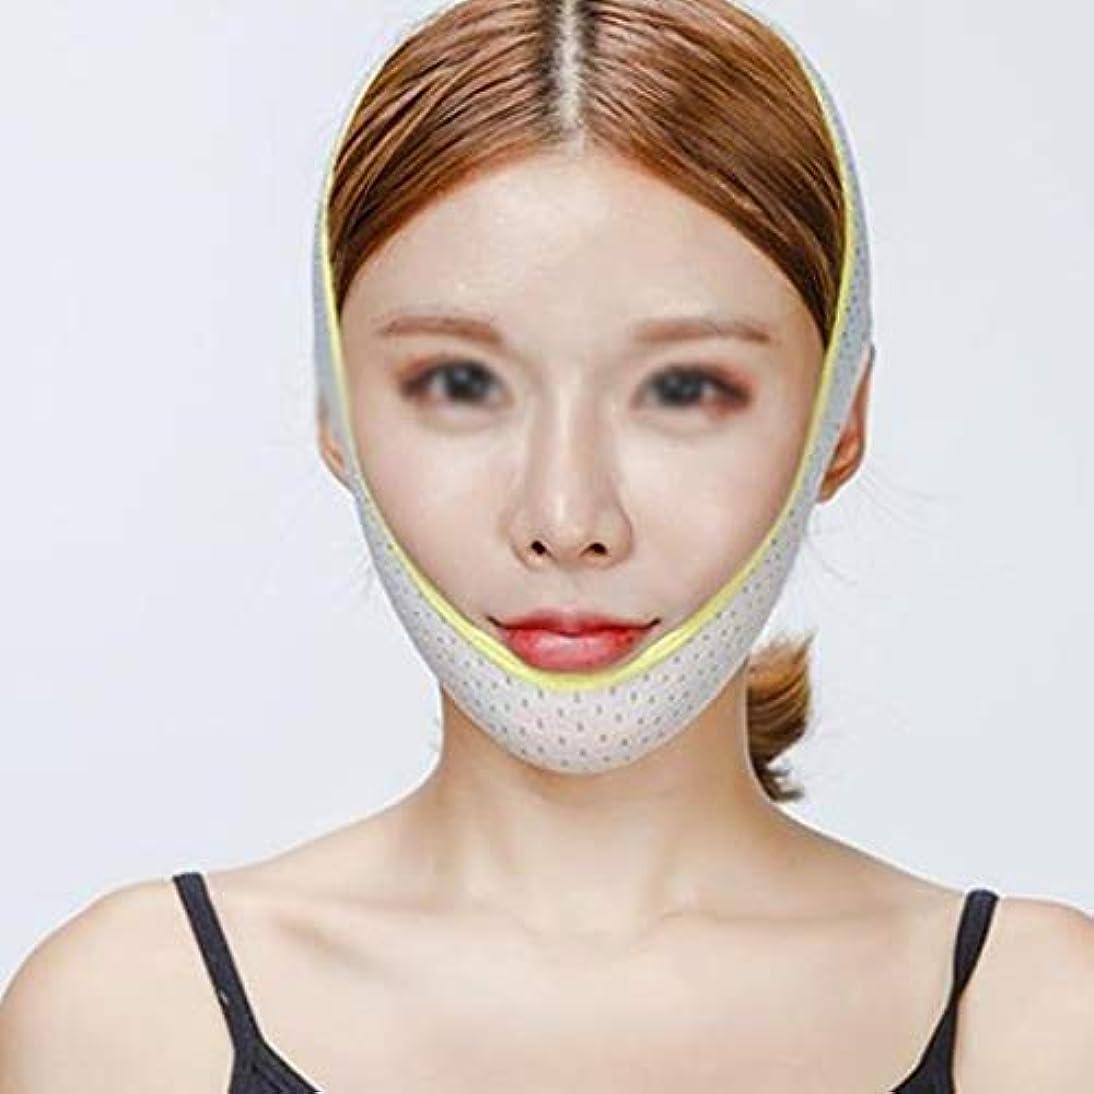 悲劇圧倒するバウンスZWBD フェイスマスク, Vフェイスアーティファクトフェイスリフトステッカー本物のフェイスリフト韓国フェイスフェイシャルリフティングファーミングインストゥルメントフェイシャルリフティング睡眠包帯